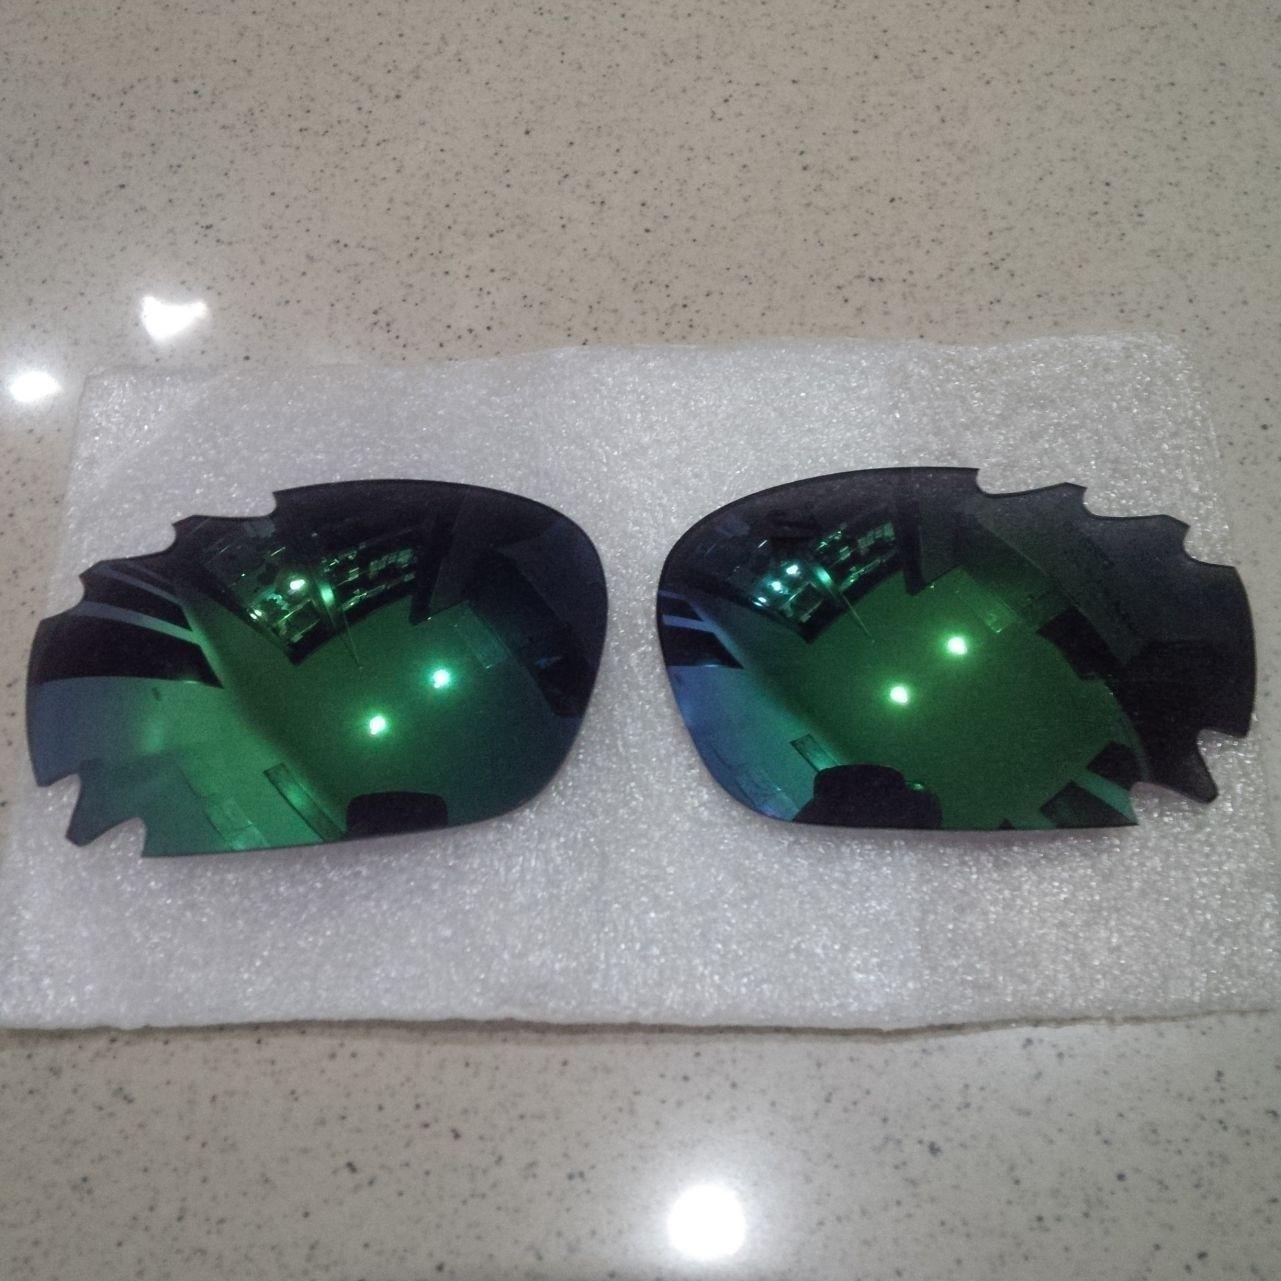 Oem lens monster pup, jawbone vented - IMG-20150514-WA002.jpg